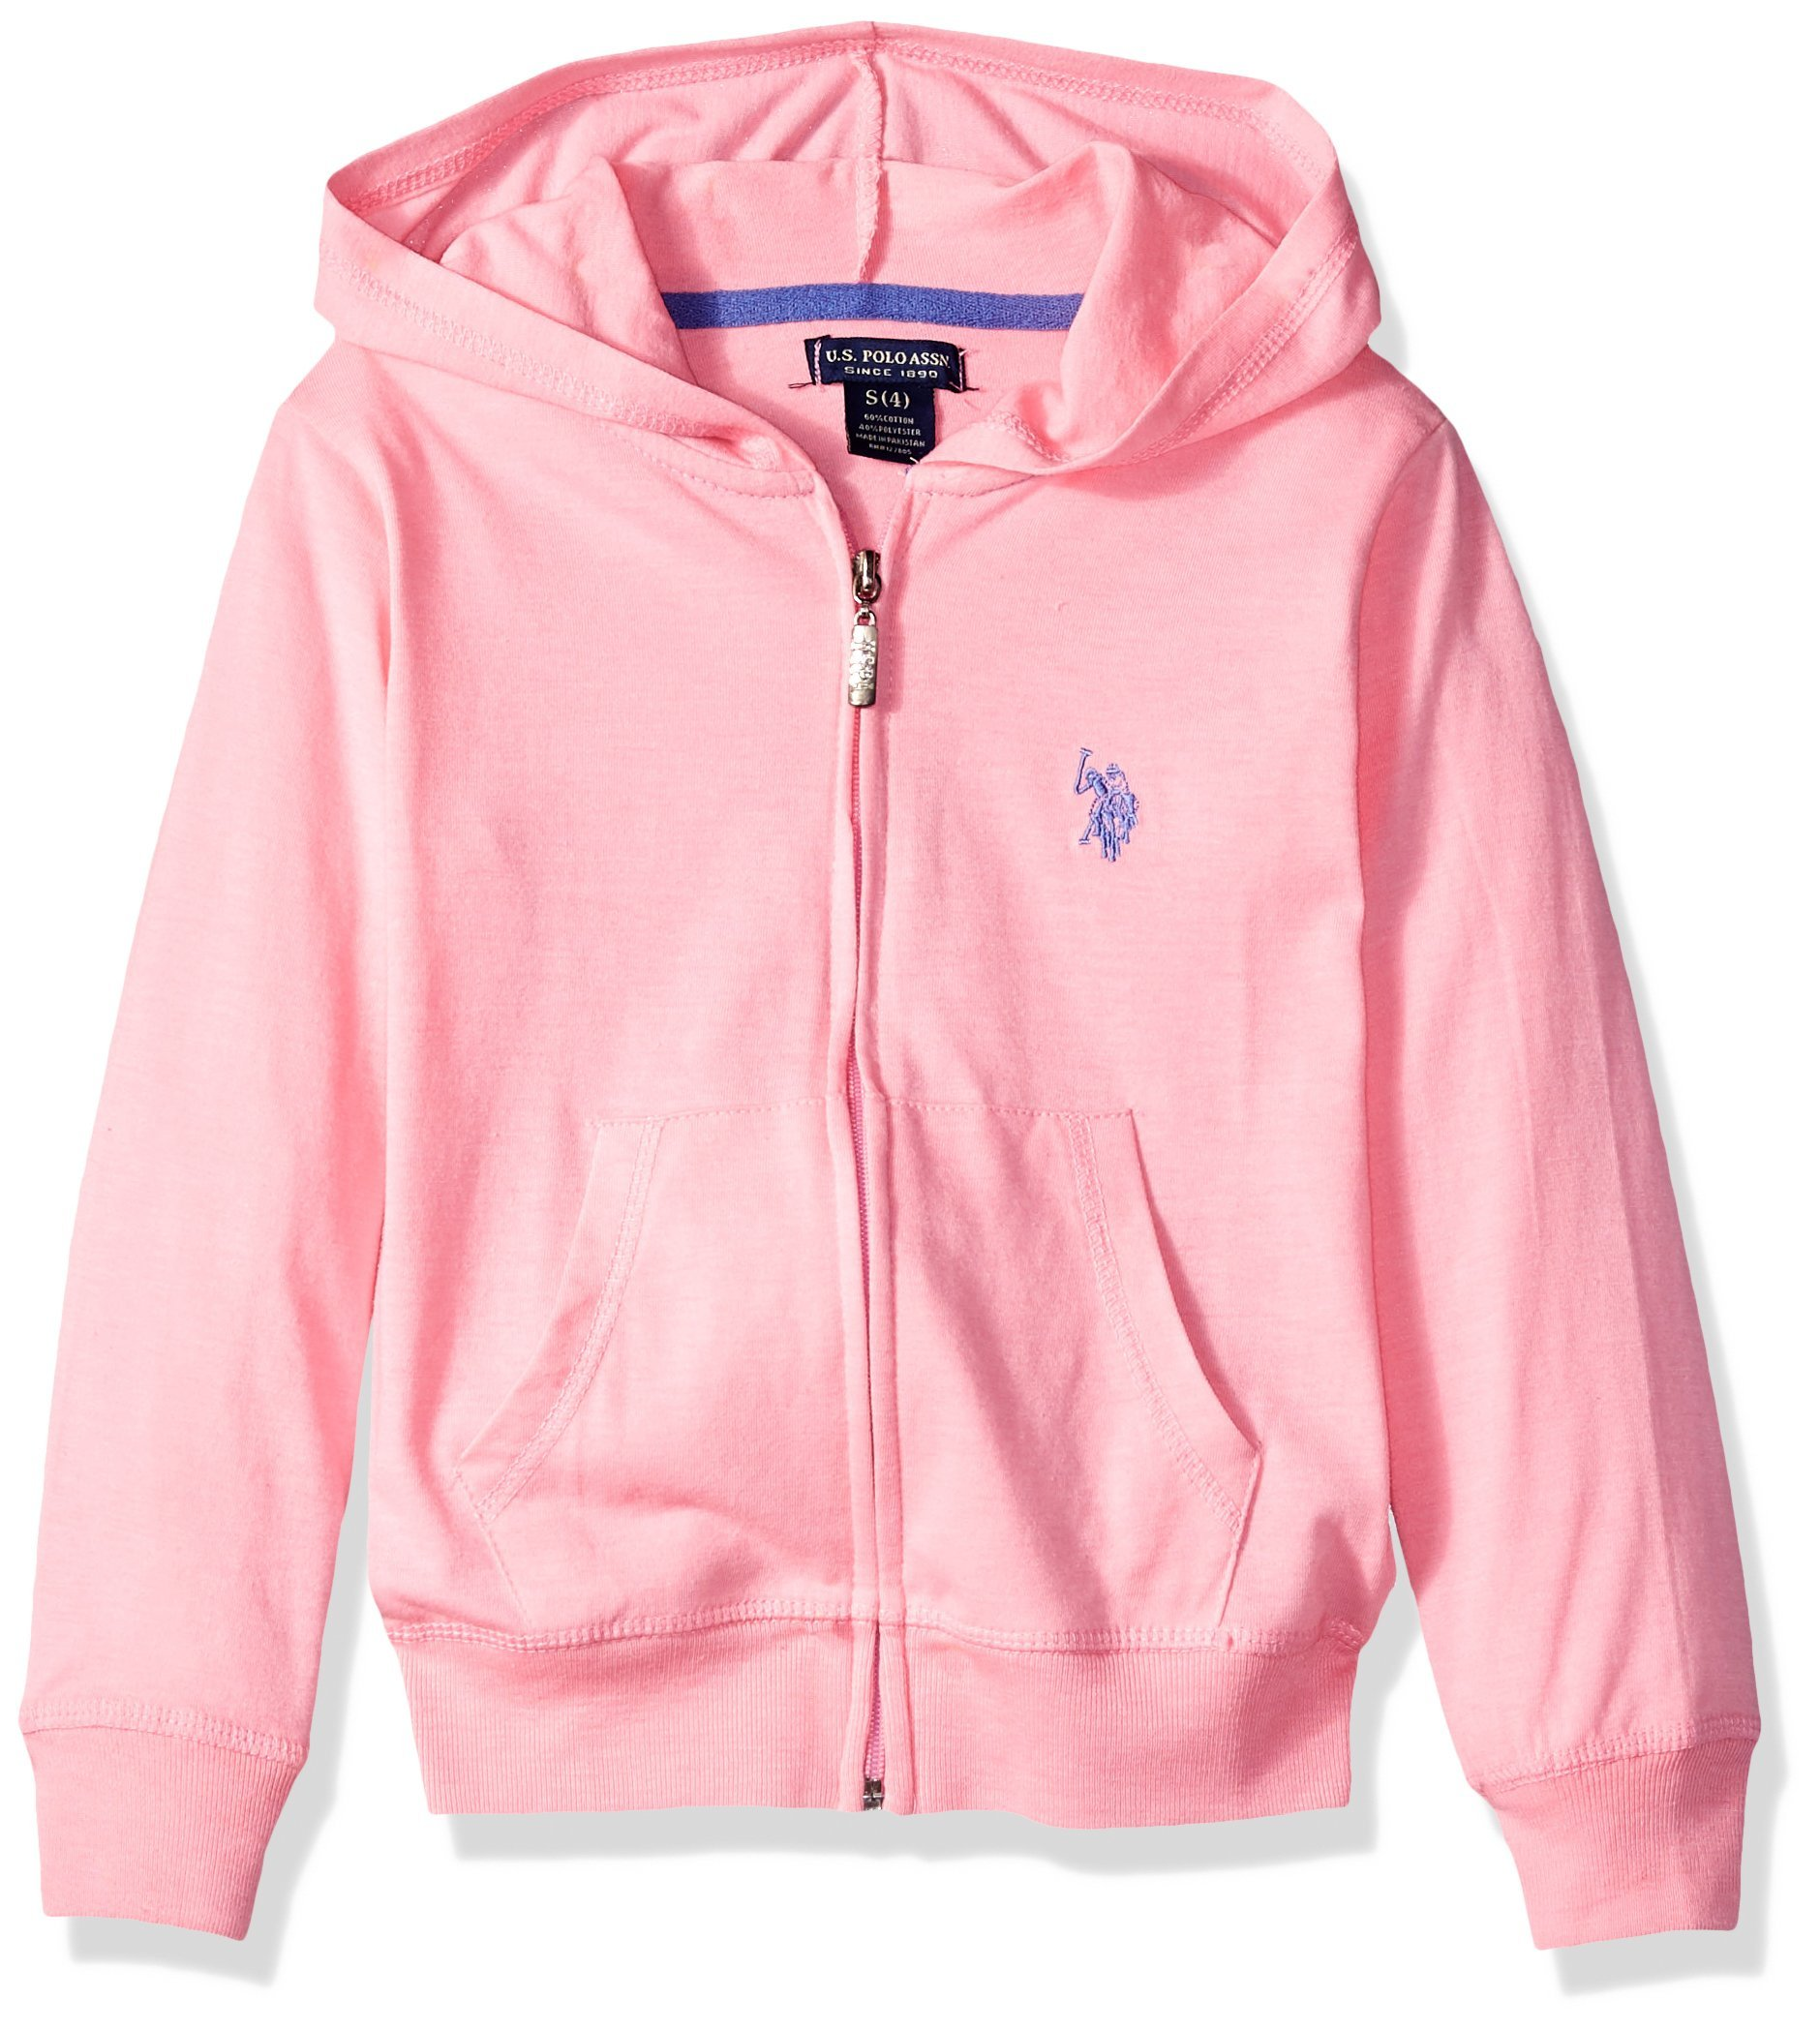 U.S. Polo Assn. Toddler Girls' Long Sleeve Jersey Hoodie, As Zip up Pink, 3T